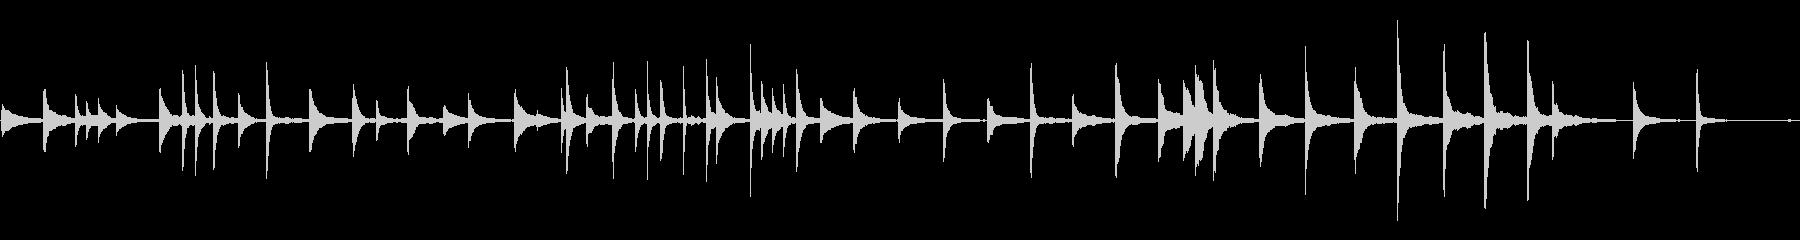 切ないシーンに間違いない ■ ピアノソロの未再生の波形